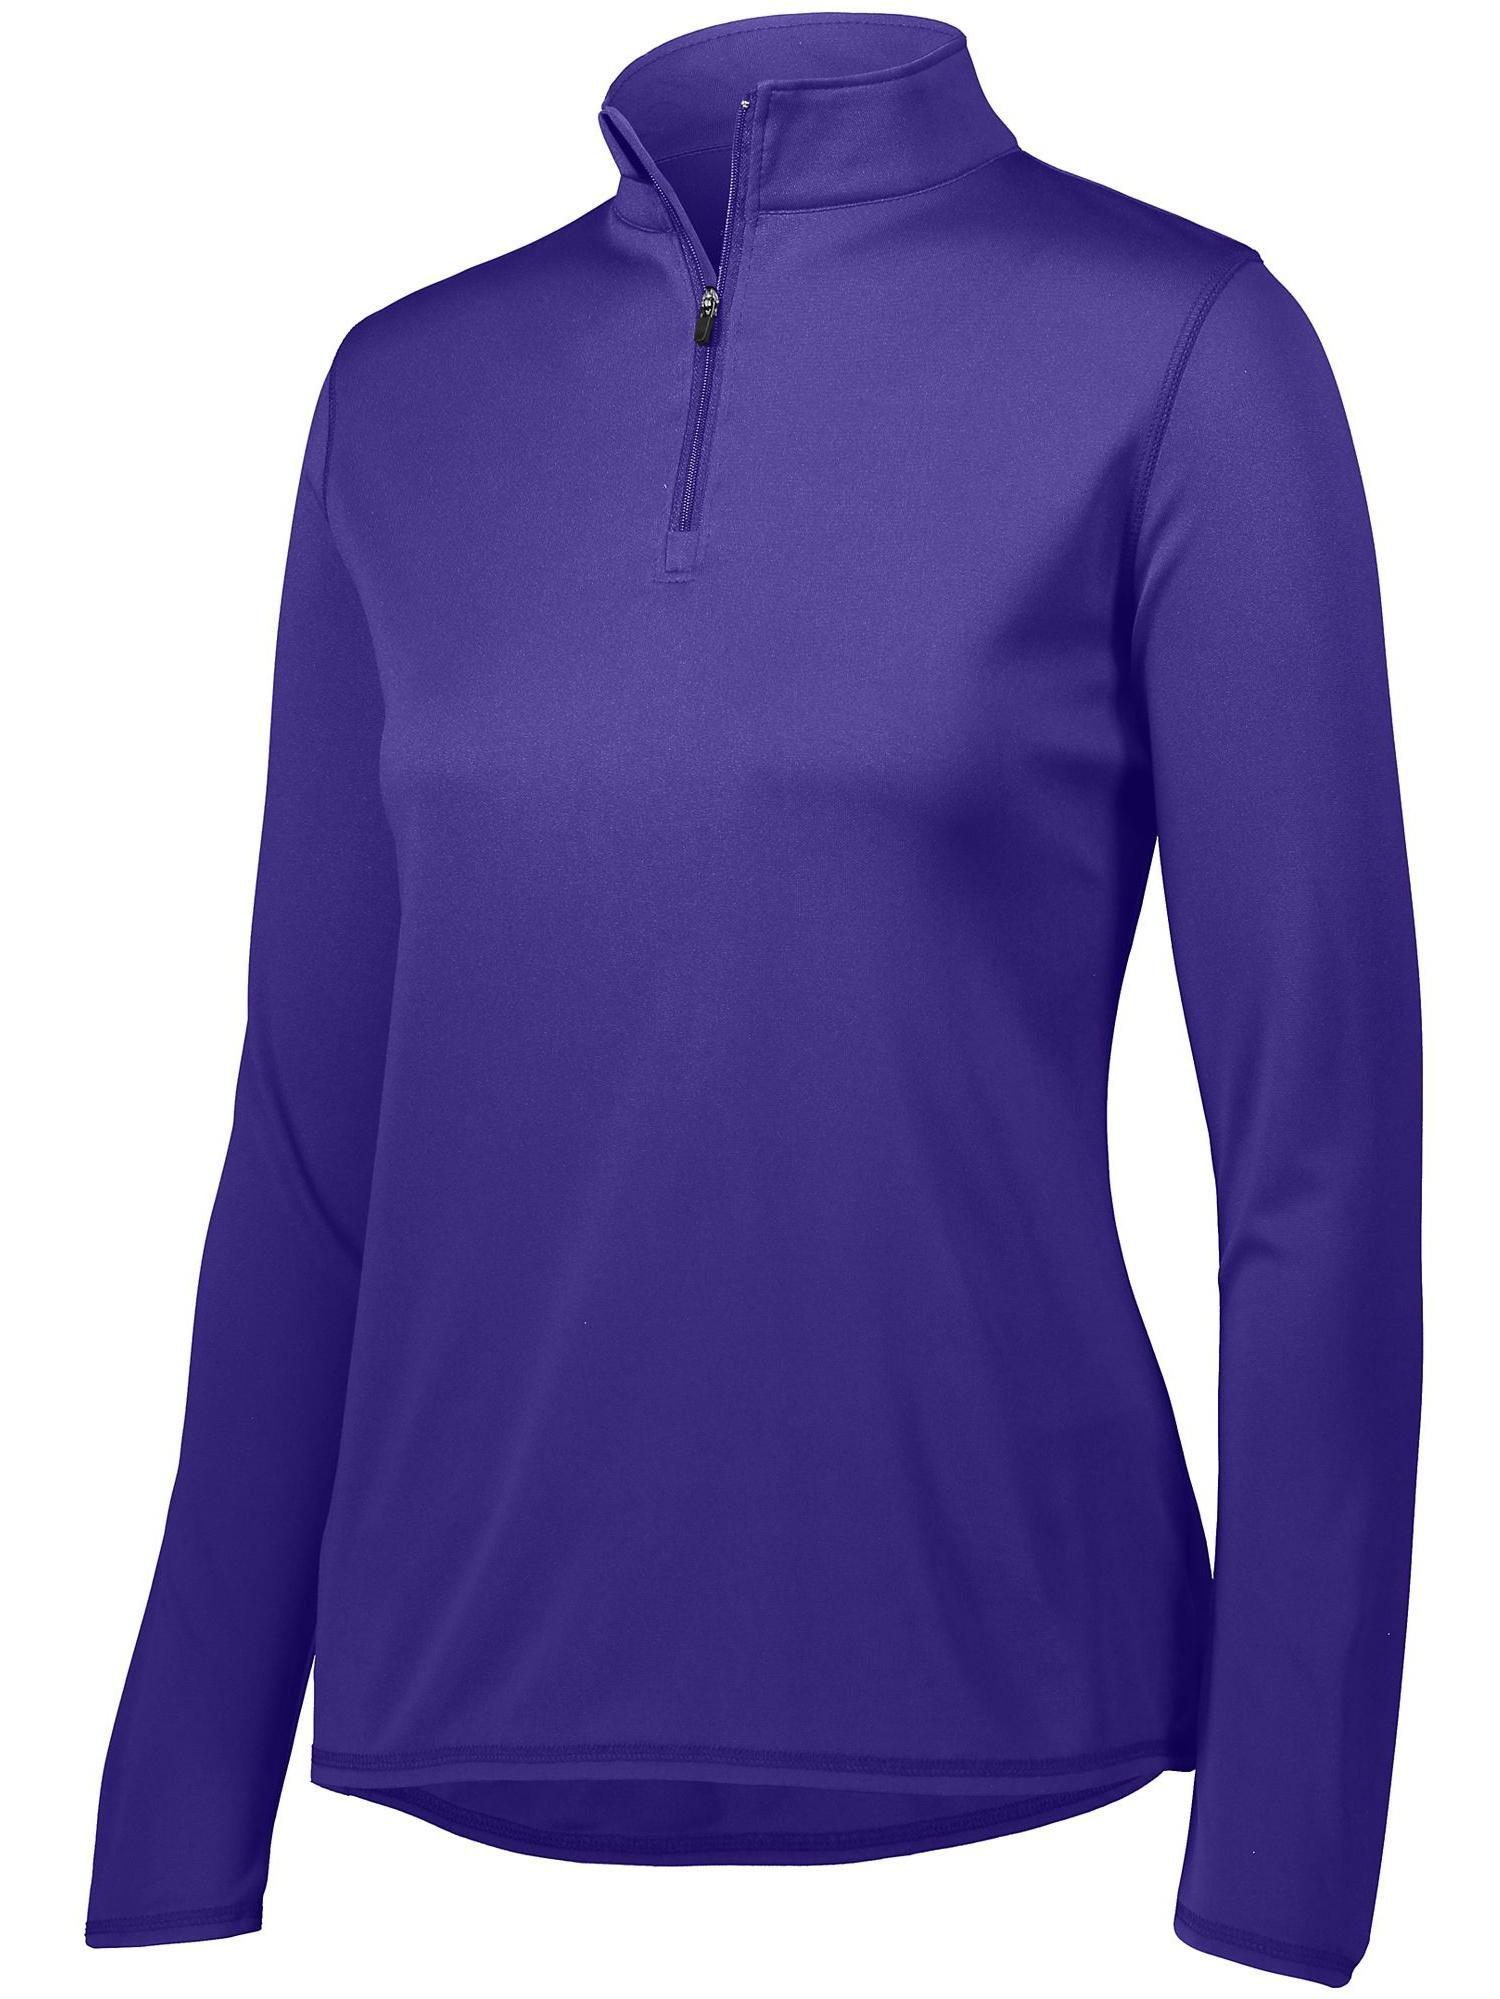 Augusta Sportswear Women's Attain 1/4 Zip Pullover 2787